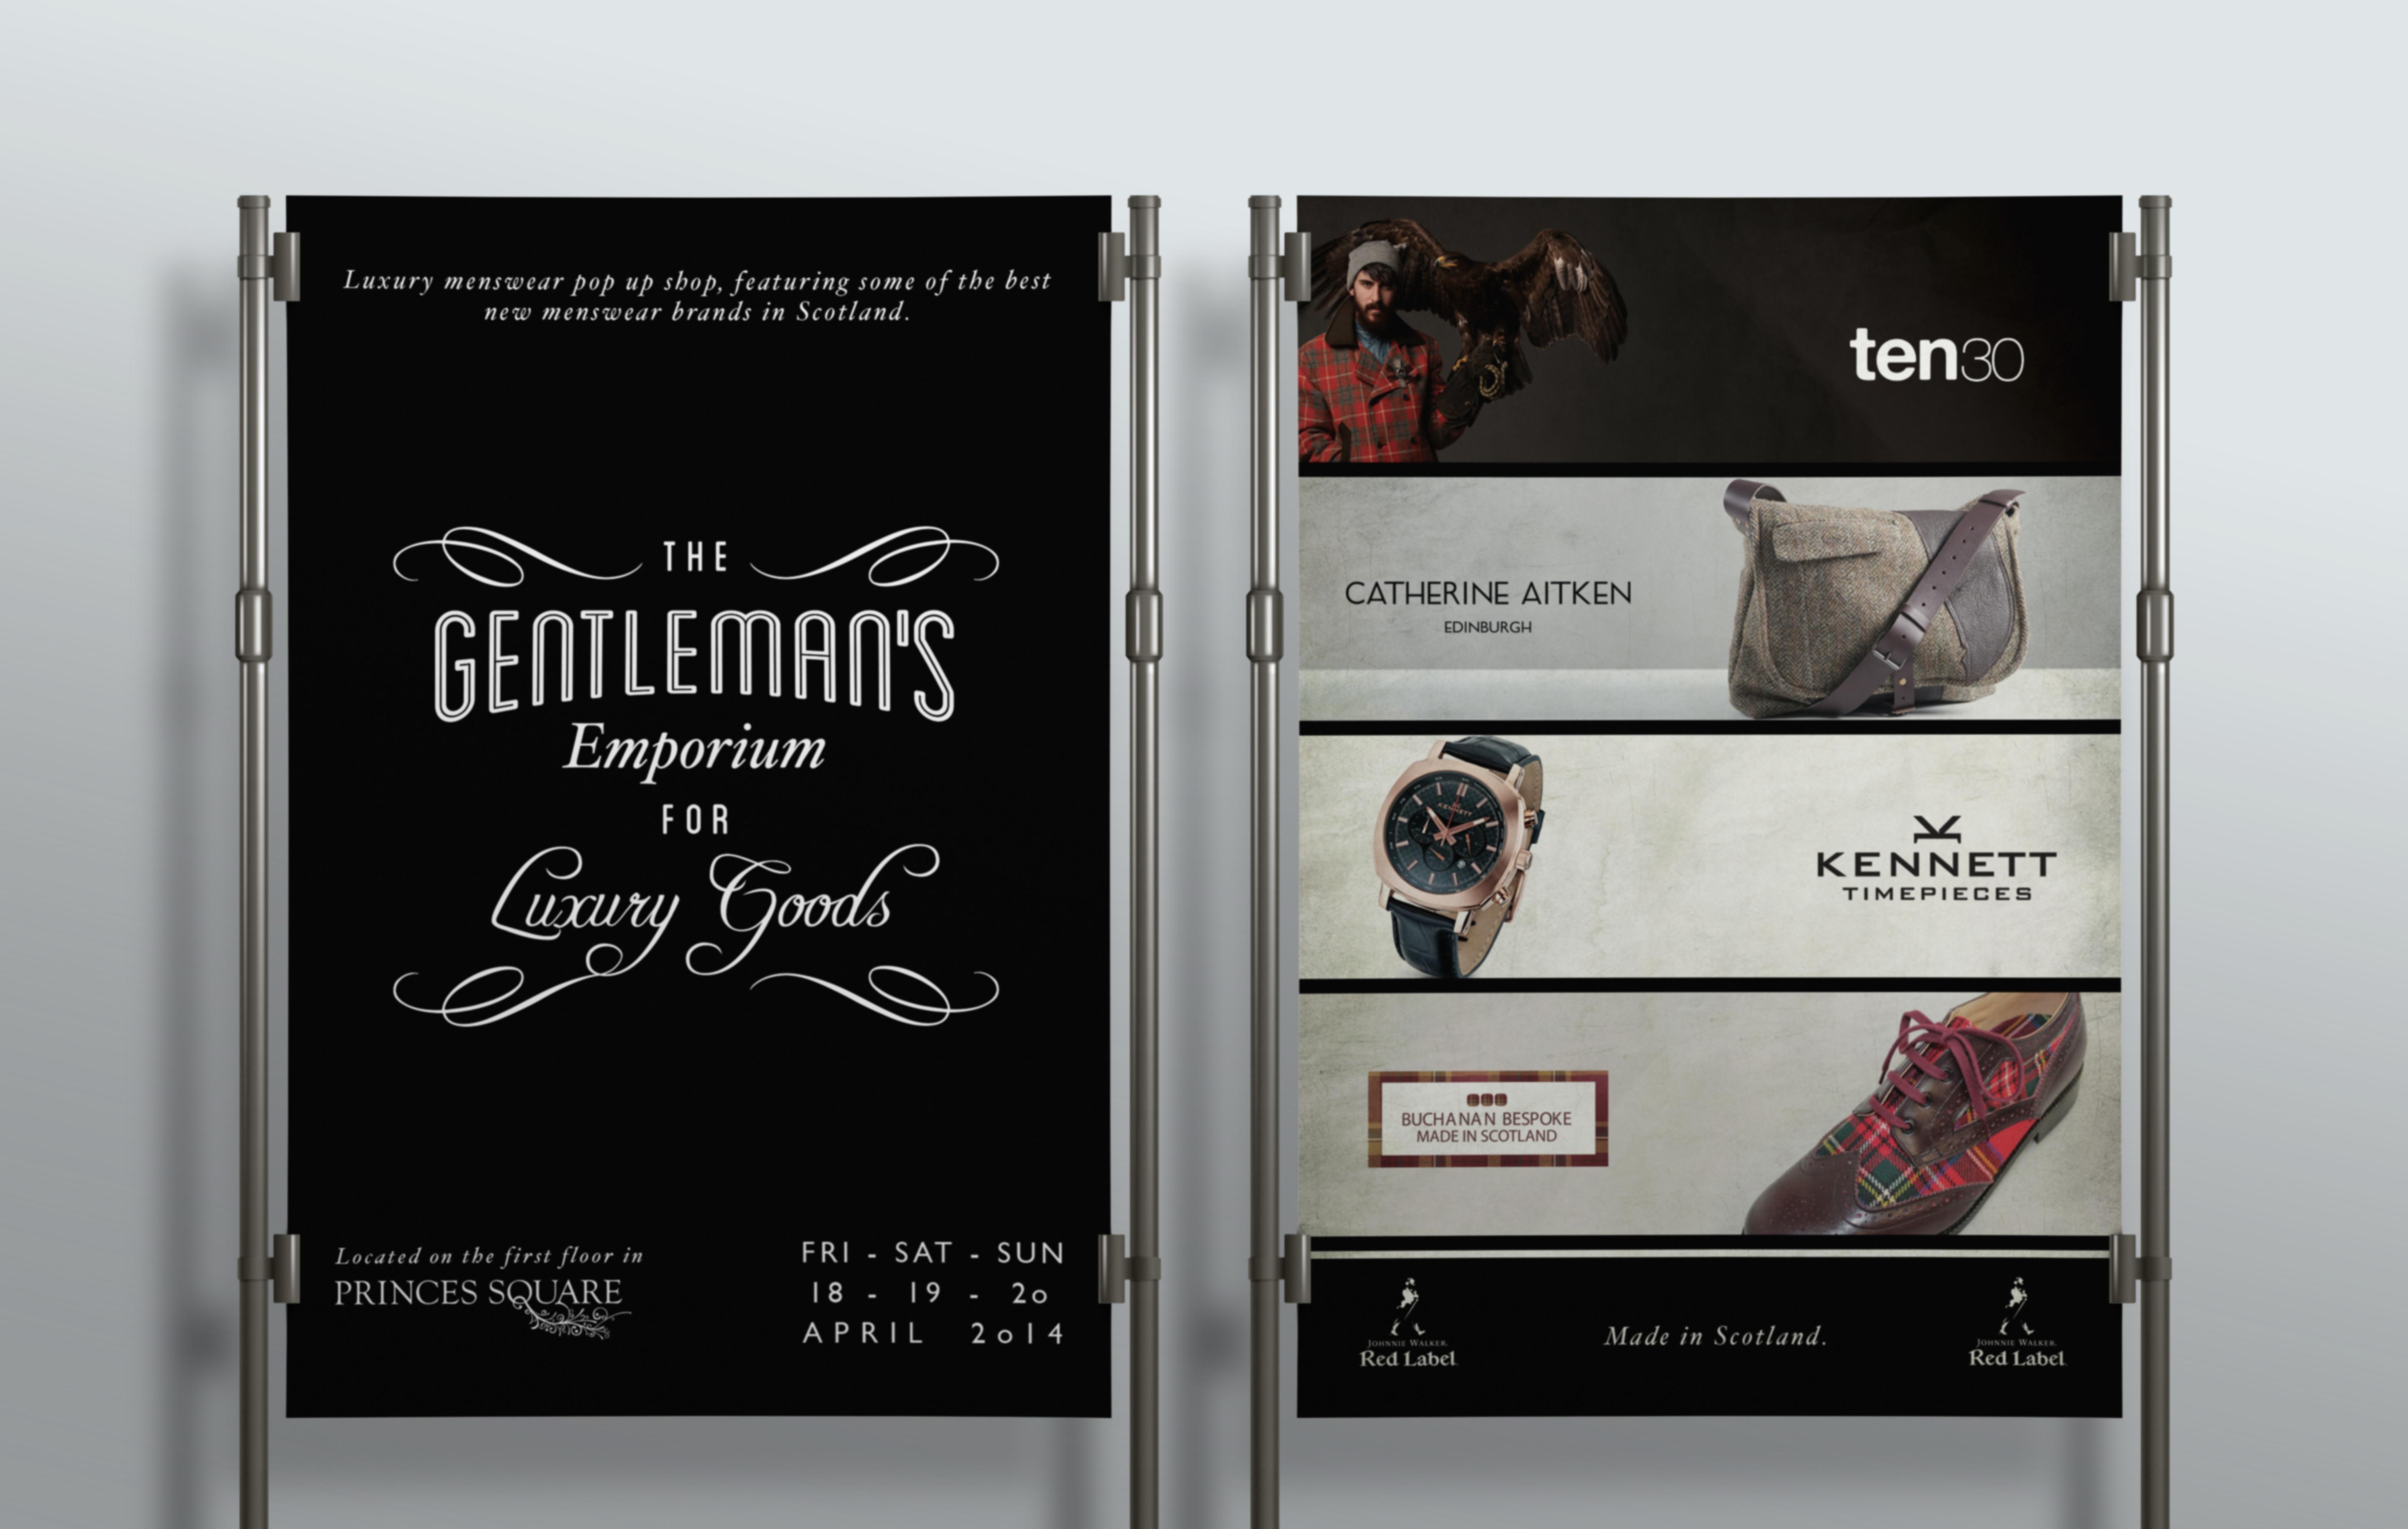 The Gentleman's Emporium For Luxury Goods